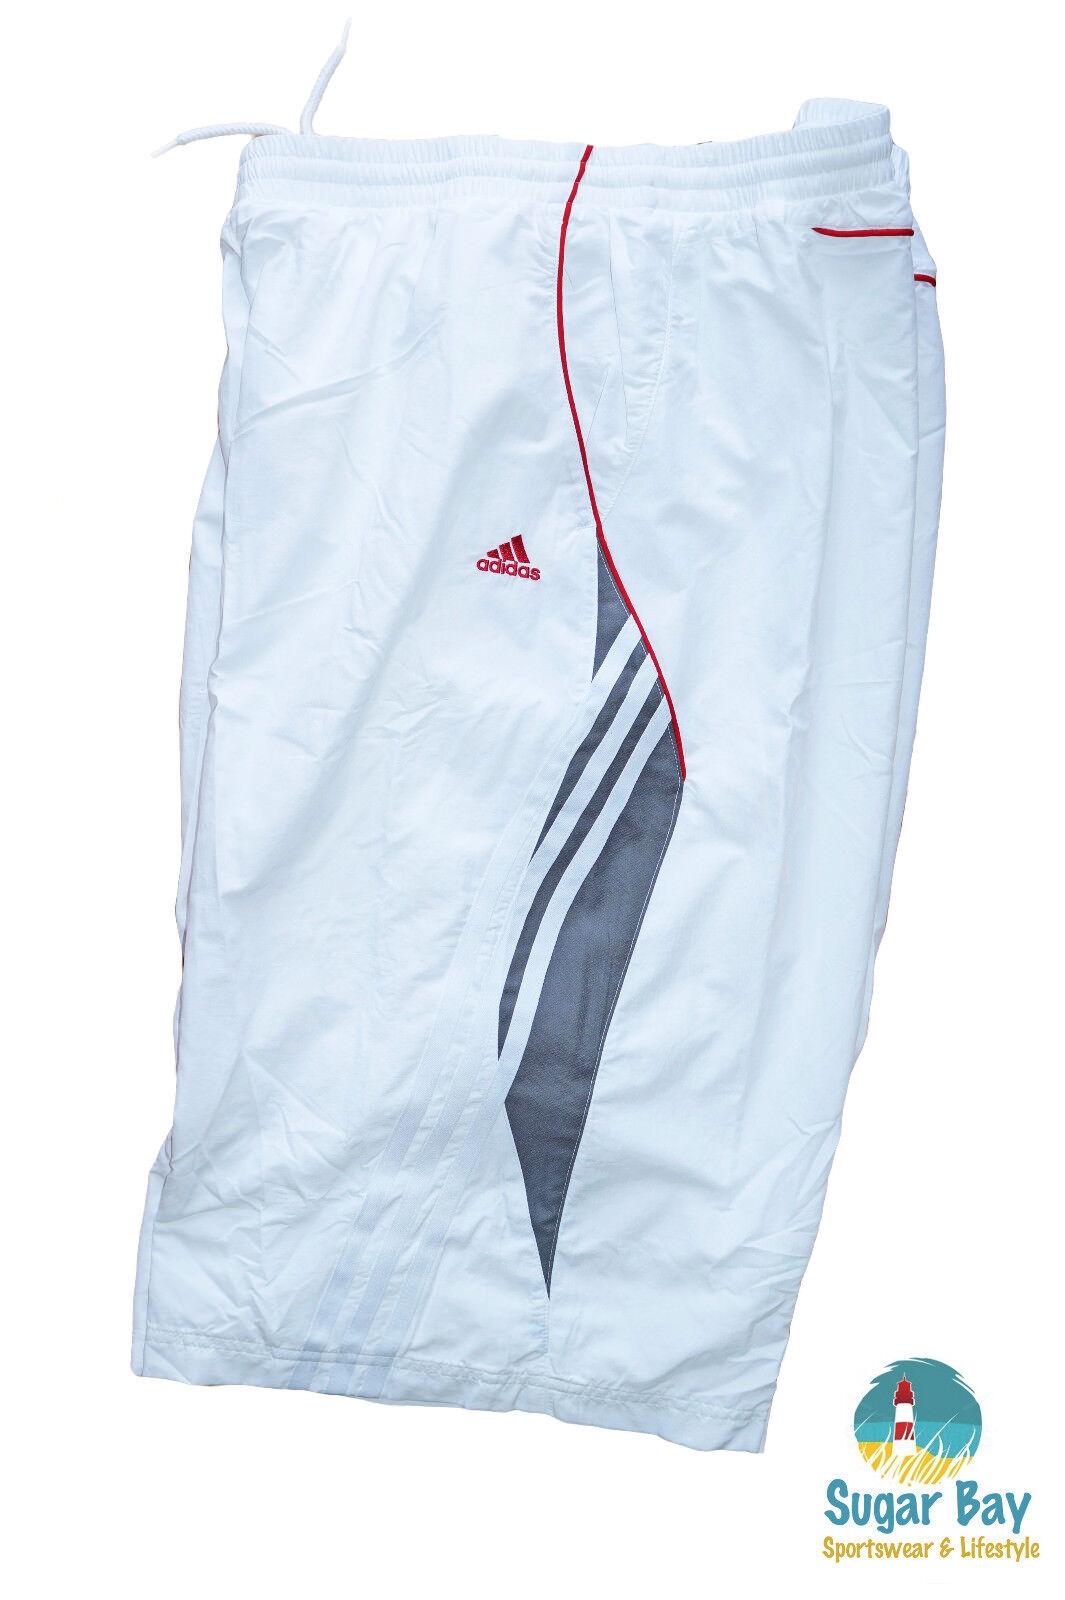 Nuevo Adidas de  Hombre Climalite Tenis Pantalones Deportivos blancoo XL  Entrega gratuita y rápida disponible.